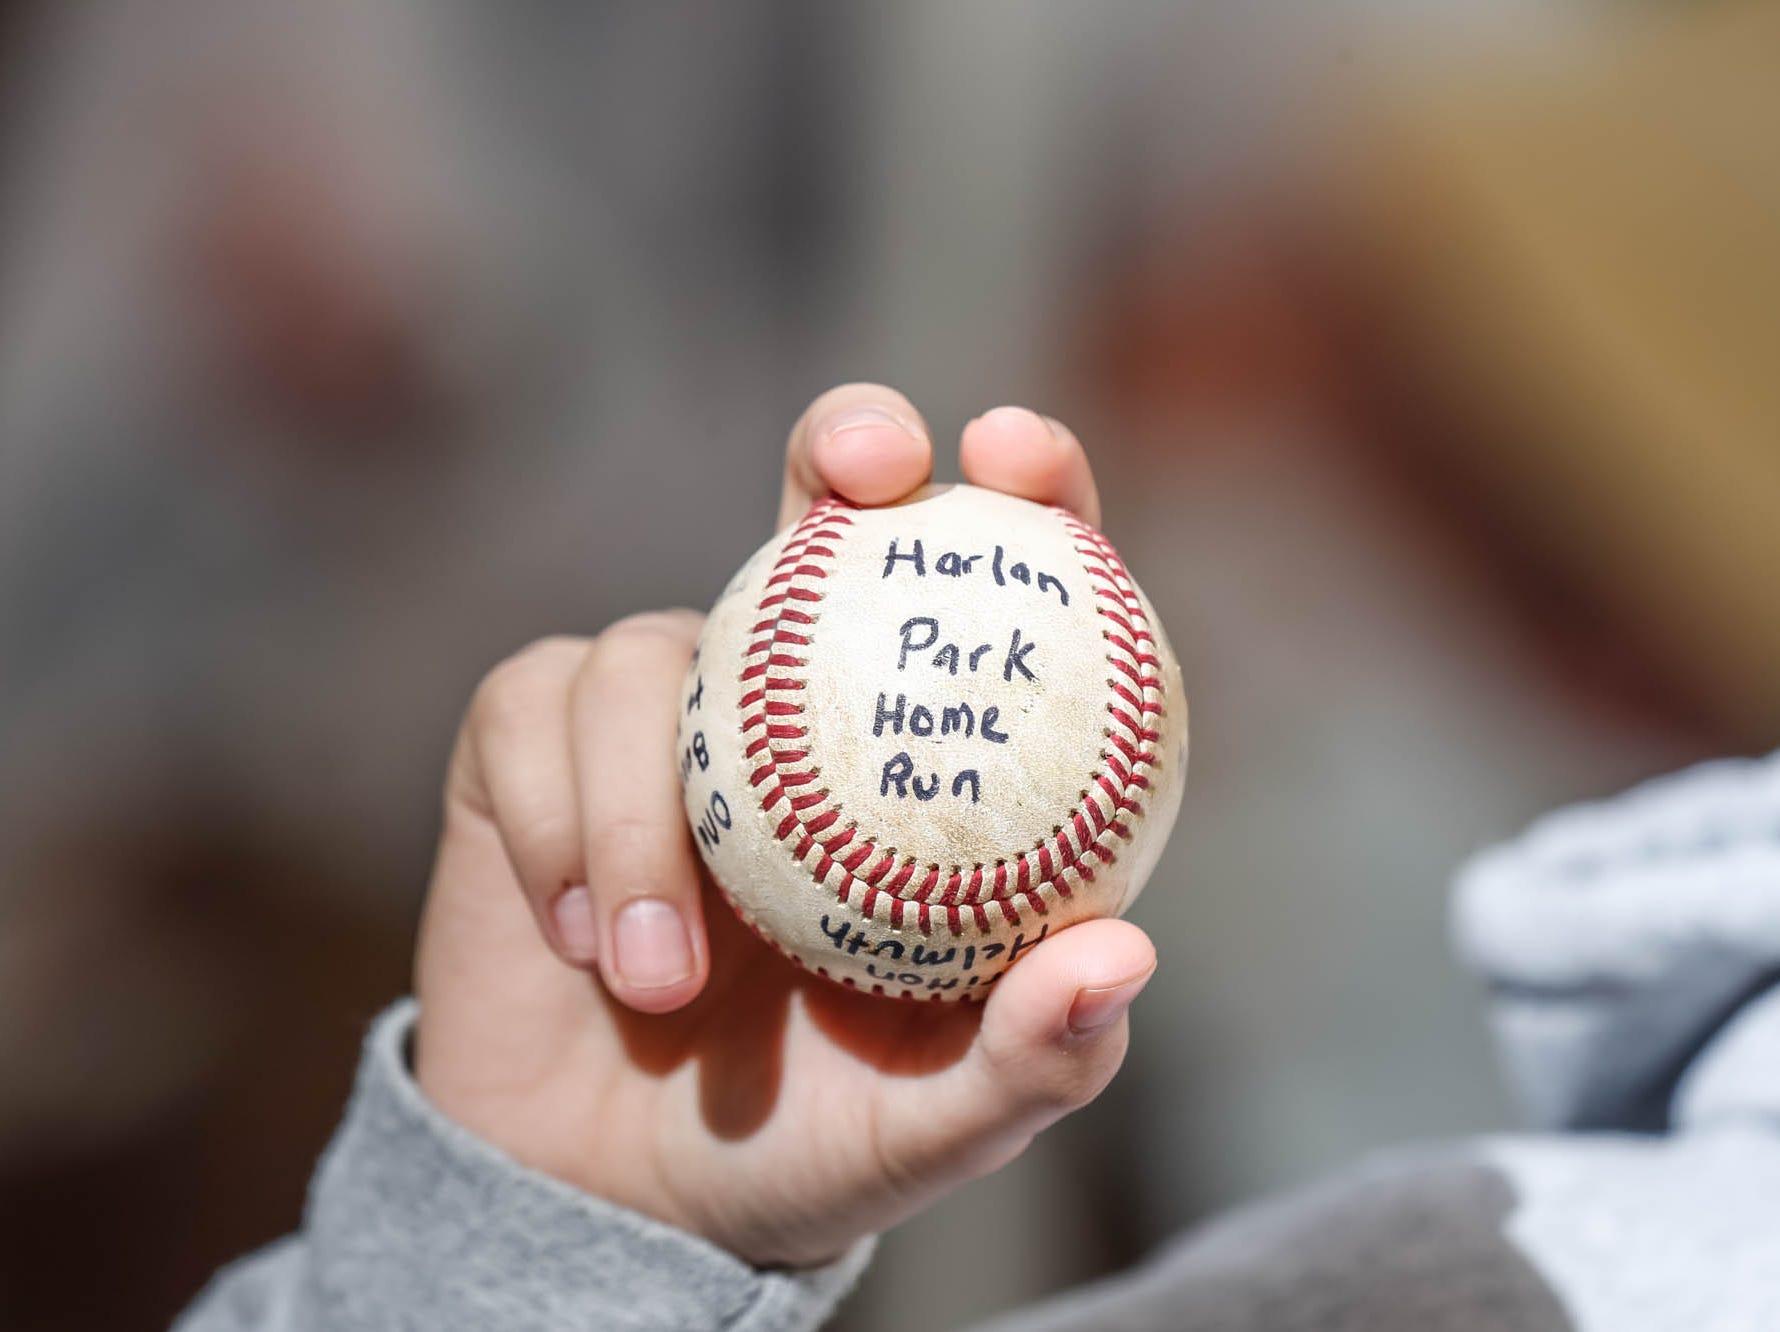 Britton Helmuth displays his Harlan Park home run baseball.